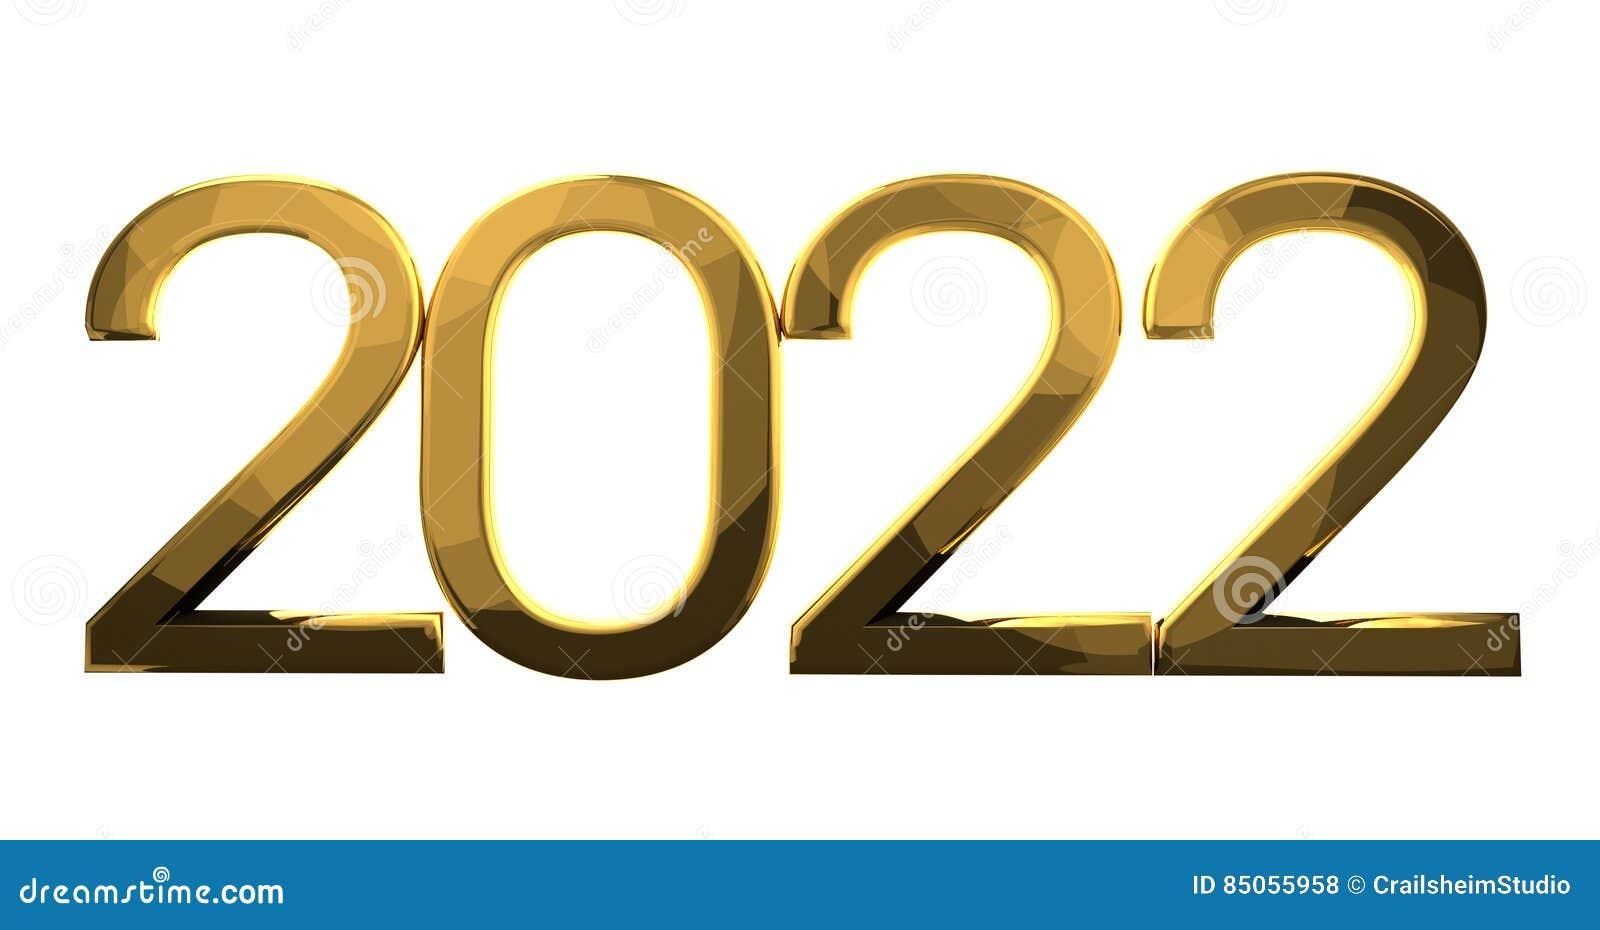 Ouro 2022 ilustração stock. Ilustração de moderno, sylvester ...